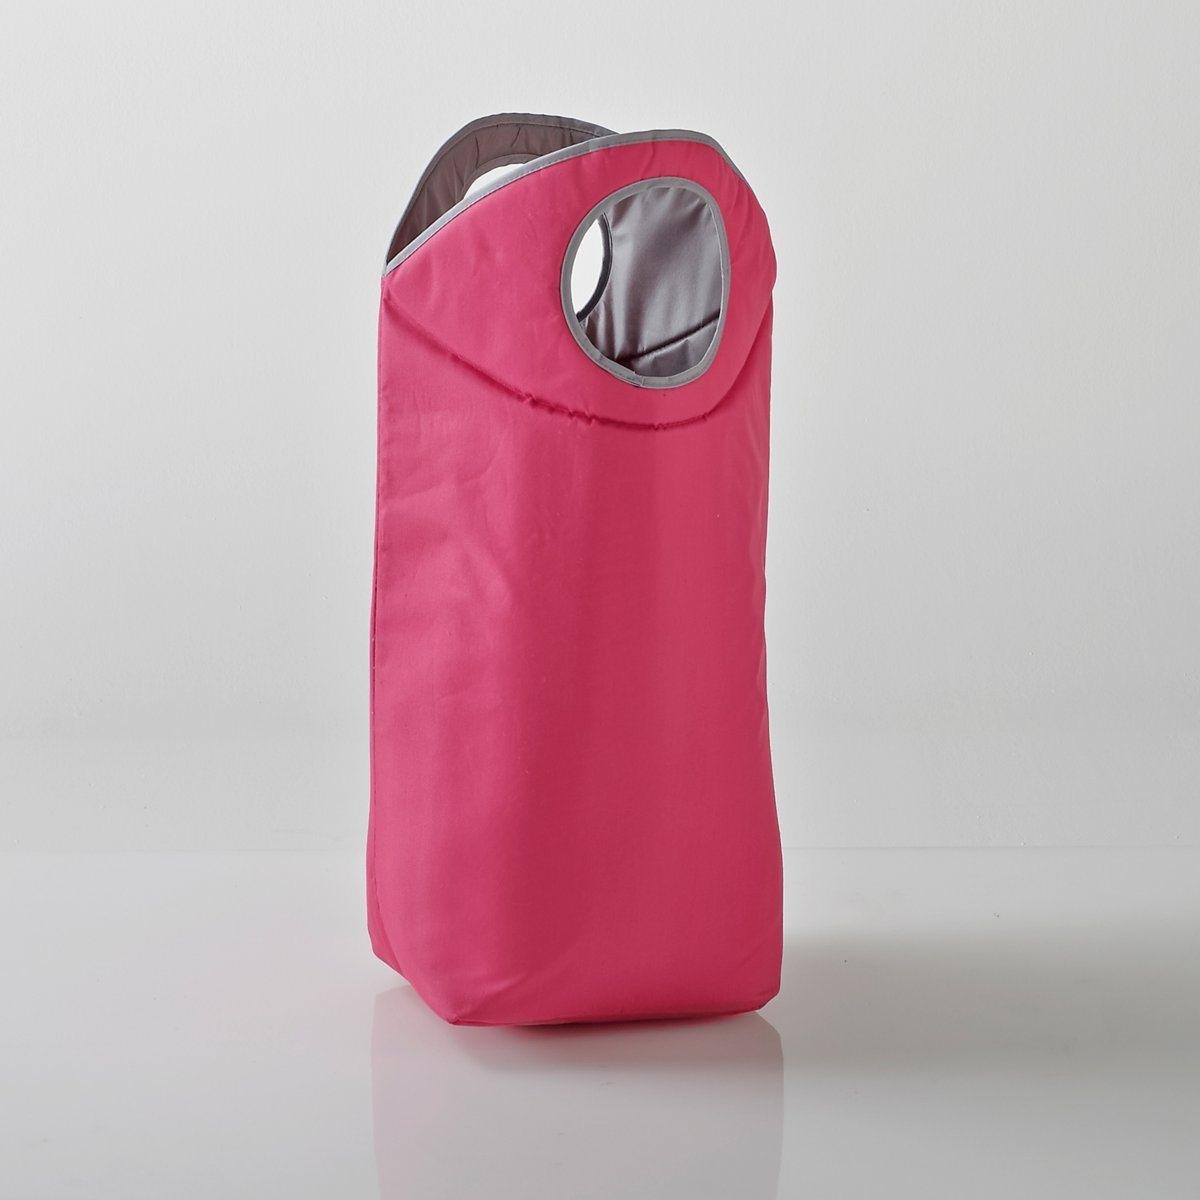 Корзина для белья или хранения.Характеристики корзины для белья или хранения:100% полиэстера. Двухцветные ручки, кант серого цвета.Размеры корзины для белья или хранения:Высота: 78 смШирина: 54 см.Глубина: 30 см.<br><br>Цвет: темно-розовый однотонный